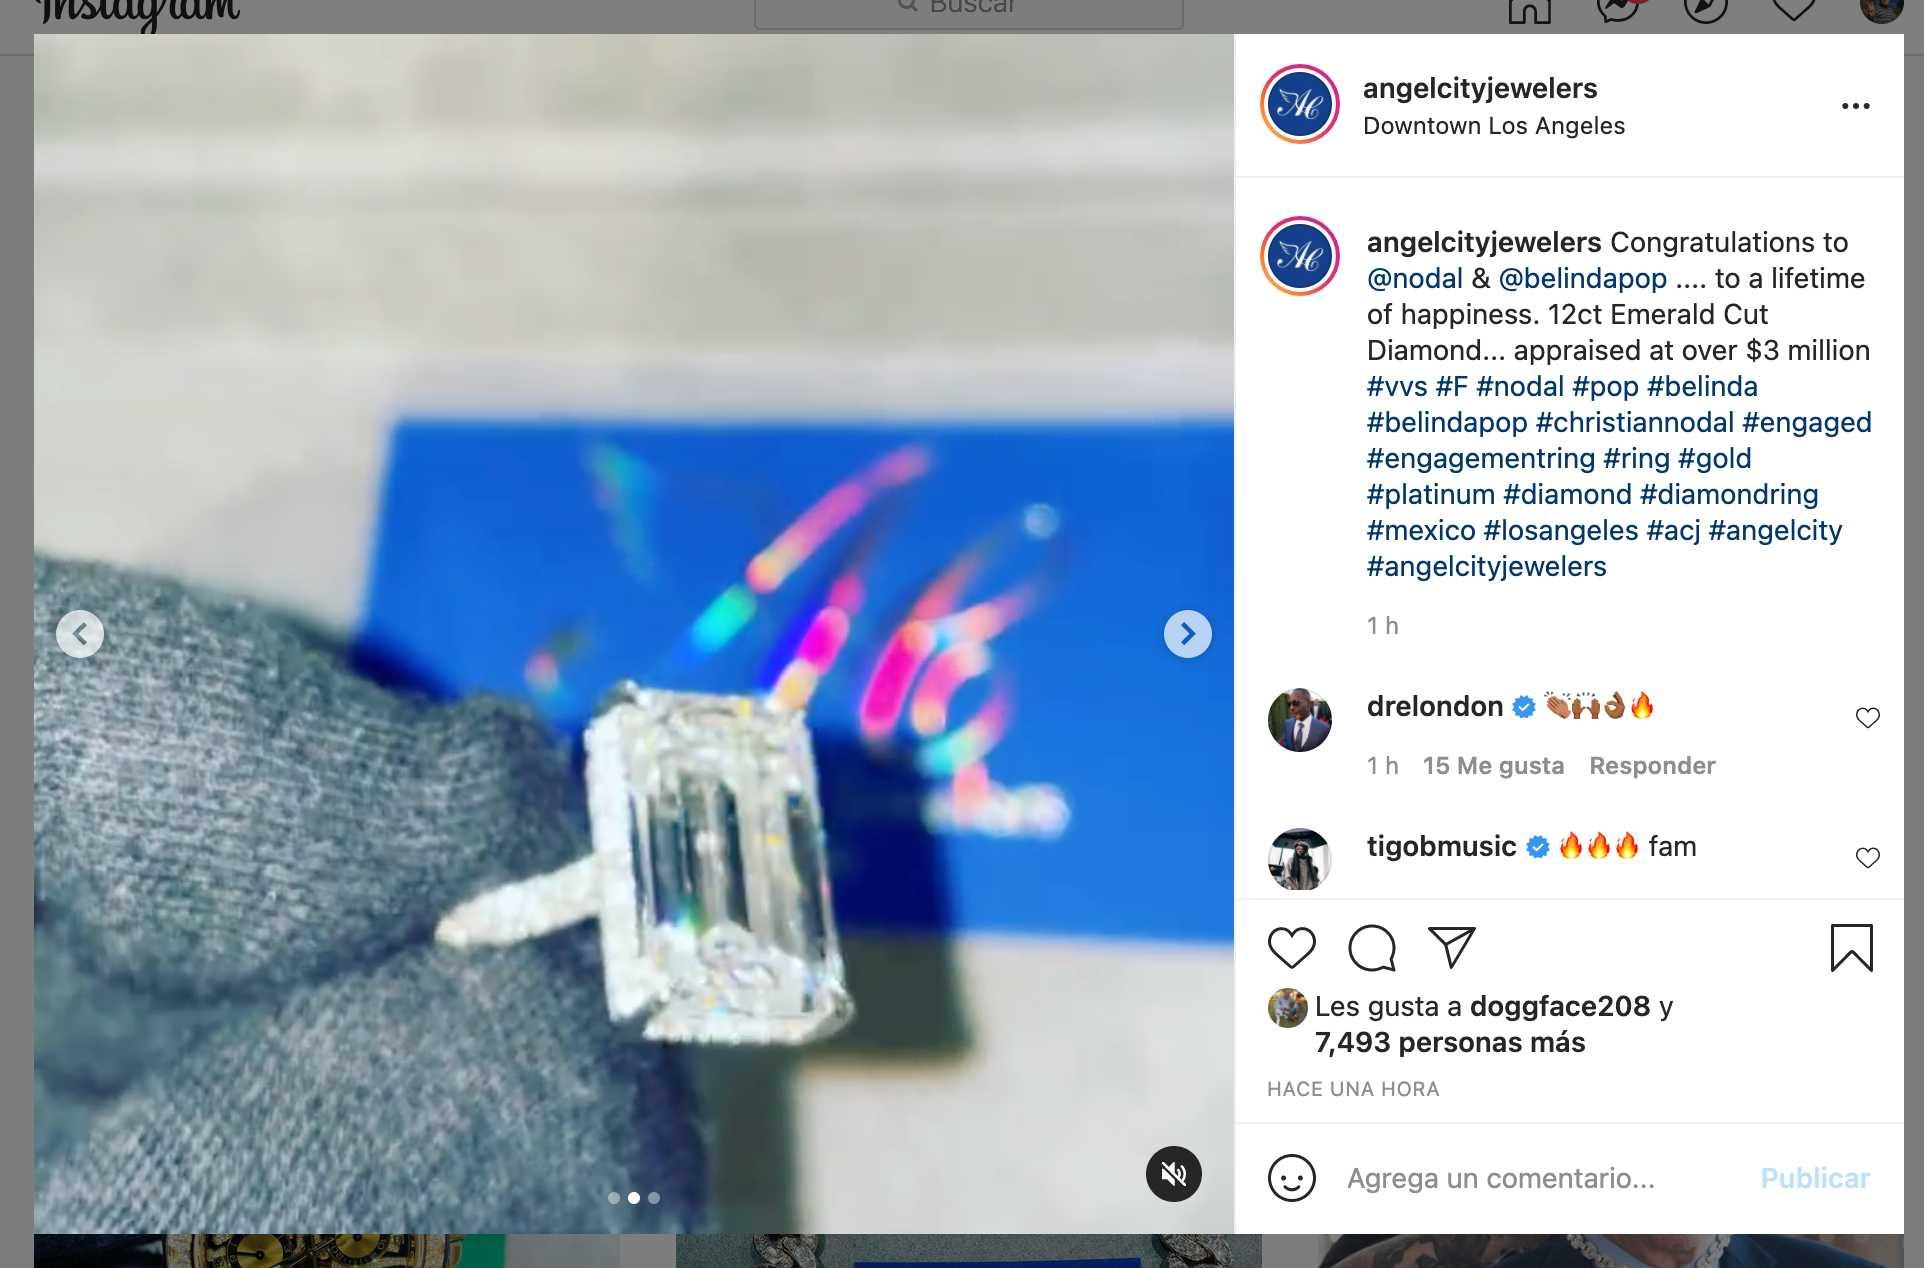 El anillo de compromiso de Belinda de 3 millones de dólares